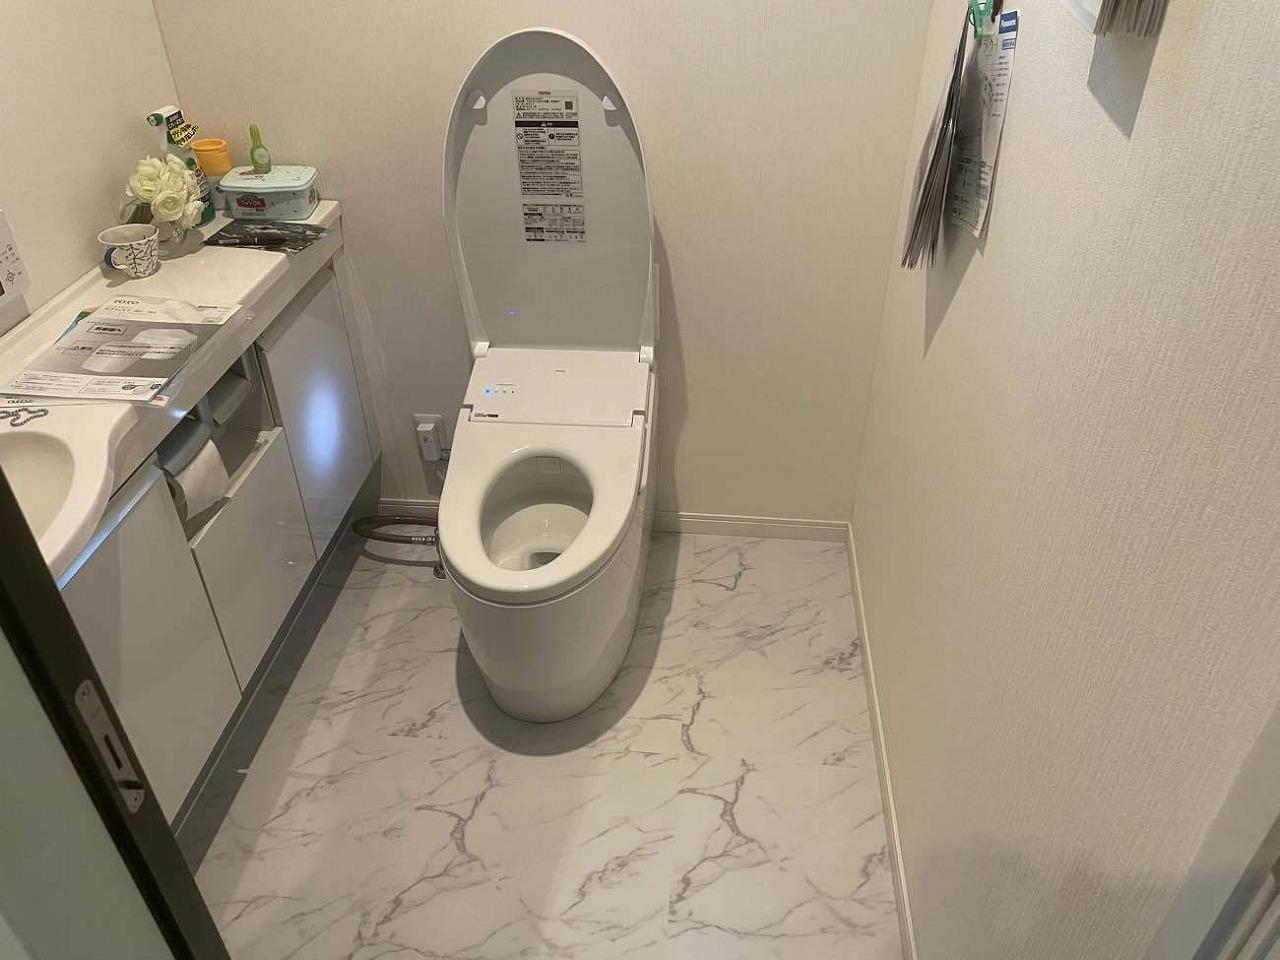 クラシオ 施工実績 熊本市中央区H様/トイレ交換工事(アフター写真)